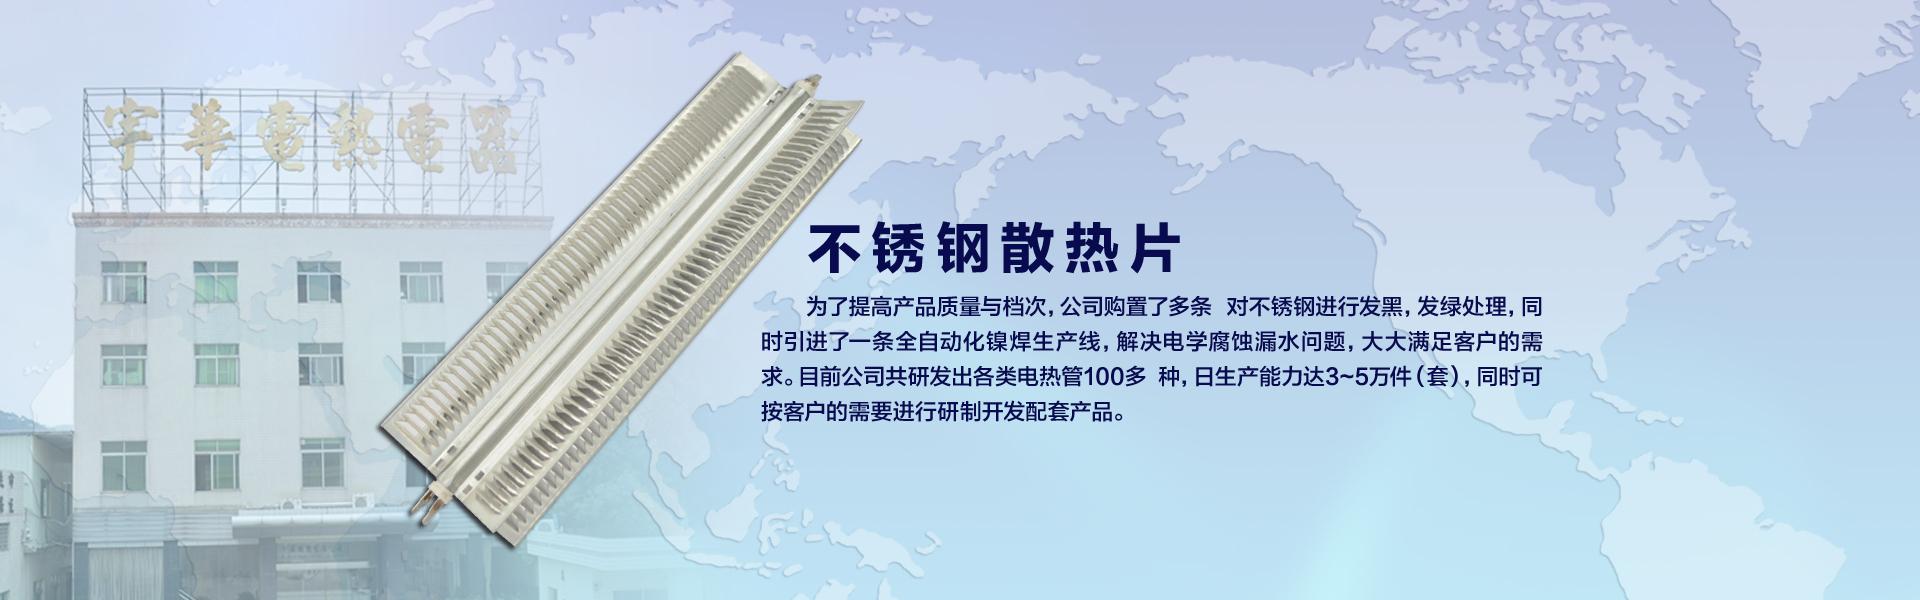 肇庆市宇華電器有限公司专业生产即热电热水器,家用电热水器,单头电热管,不锈钢电热管和不锈钢电加热管。